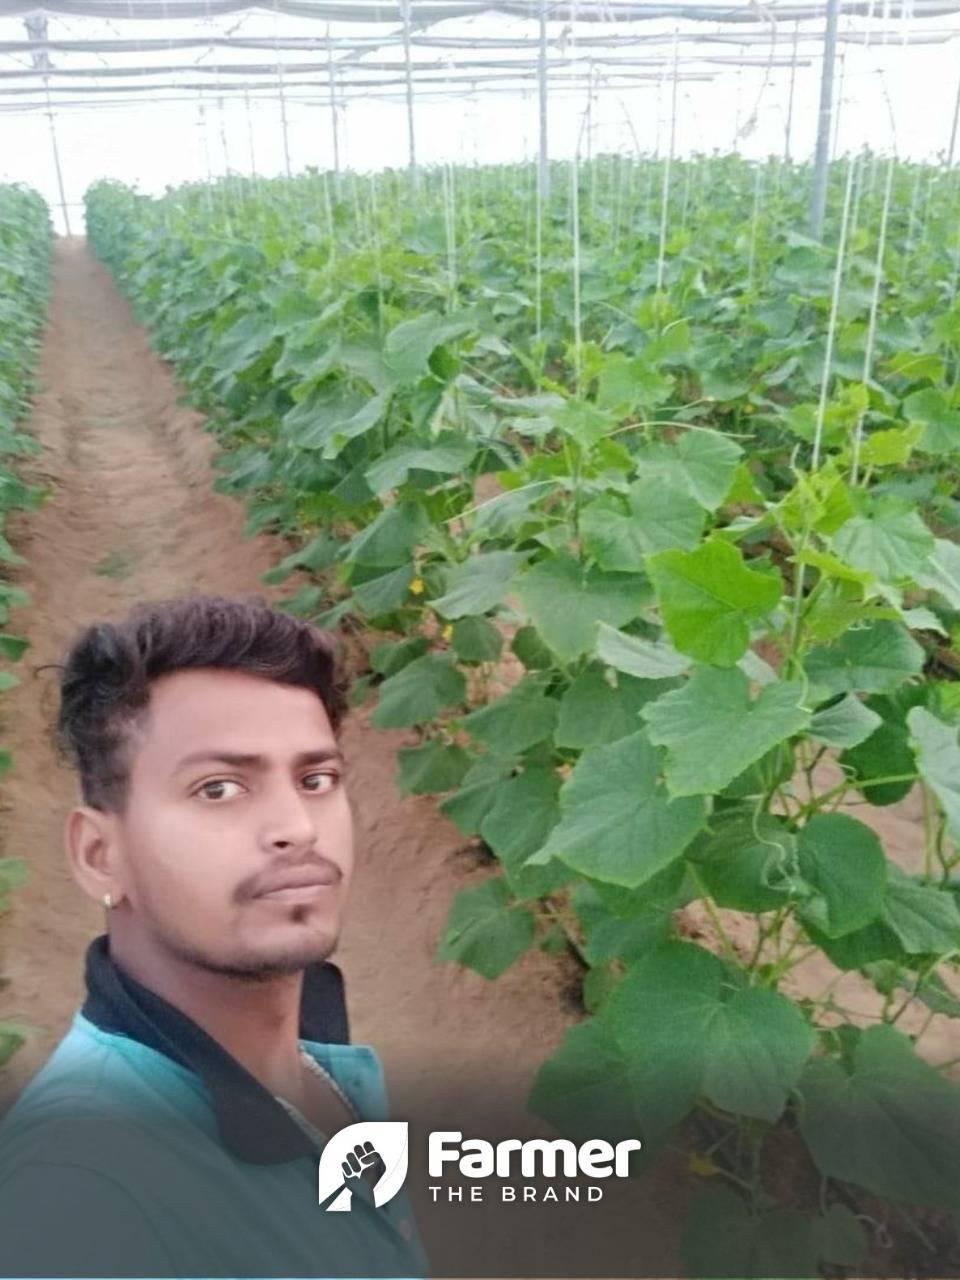 Nandlal Bairwa